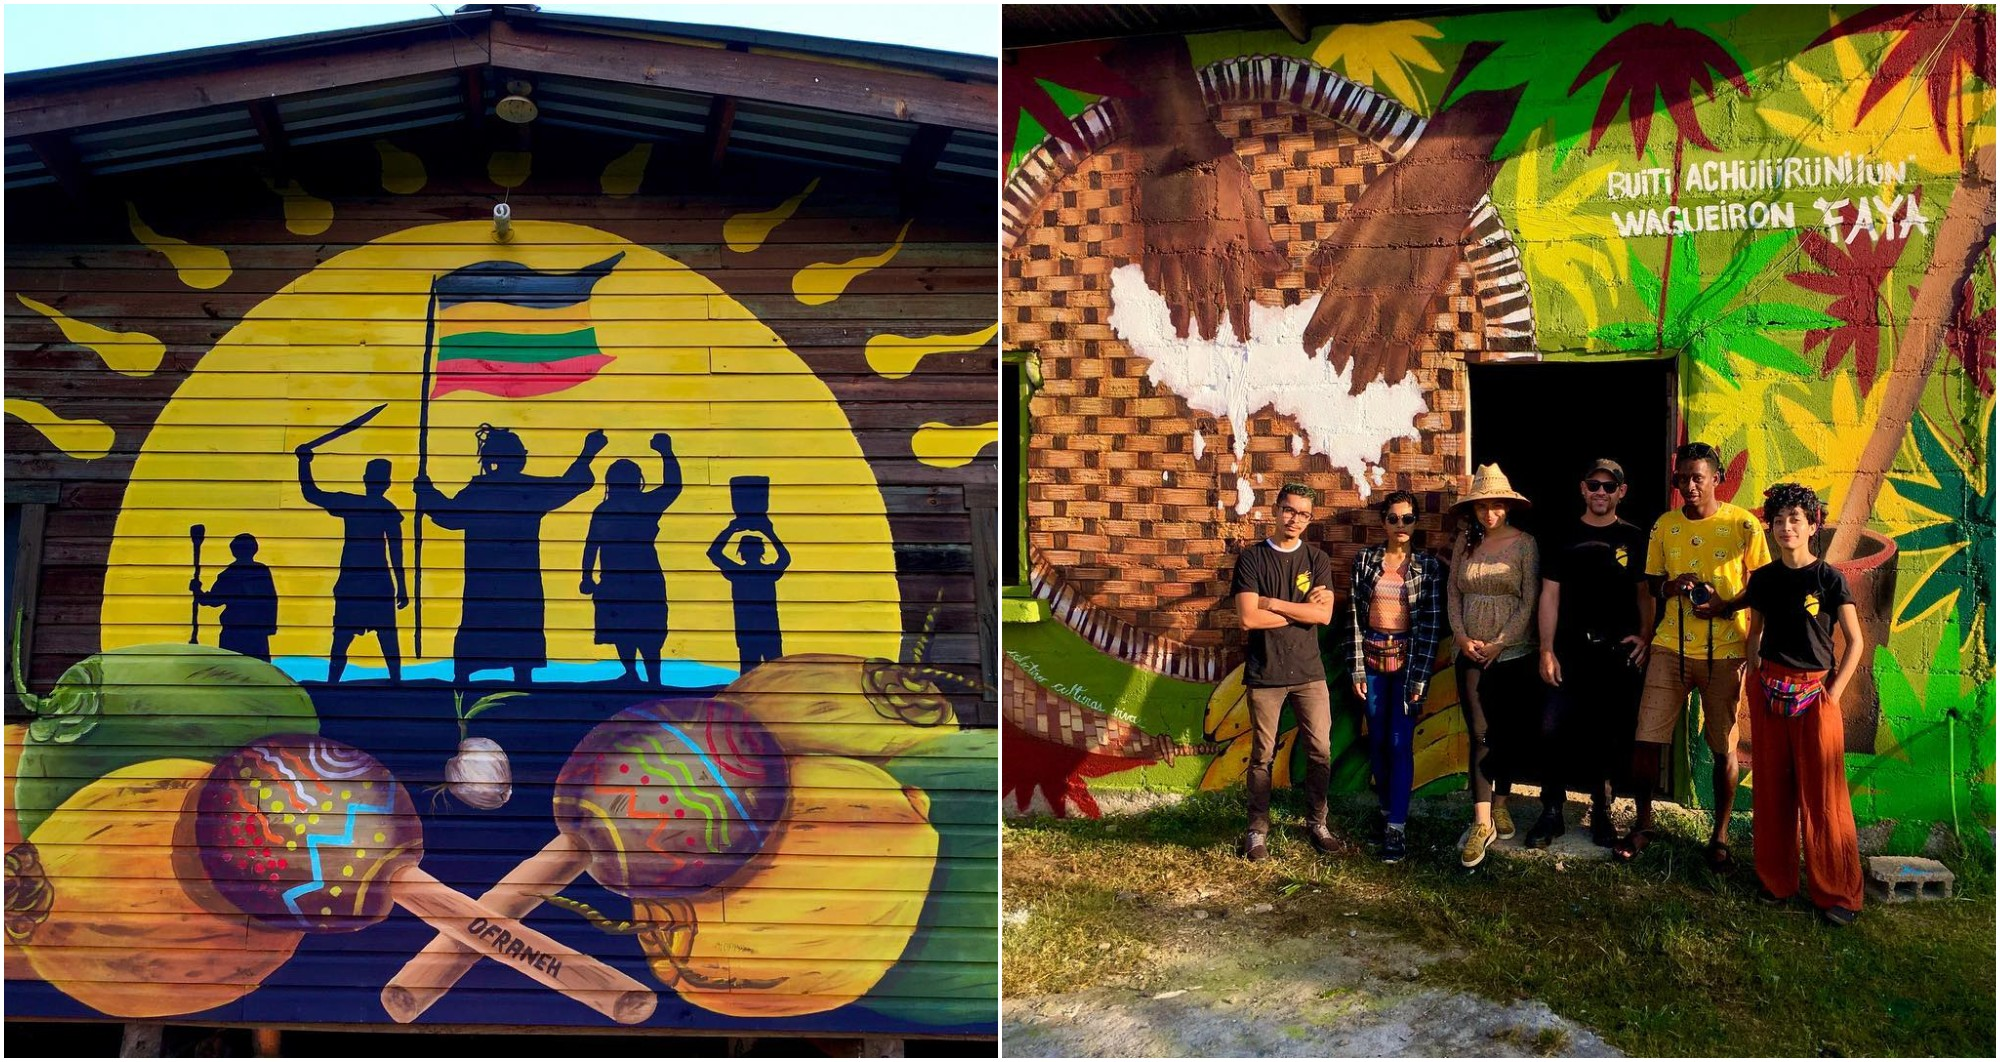 Colectivo Culturas Vivas crean murales que destacan la cultura garífuna